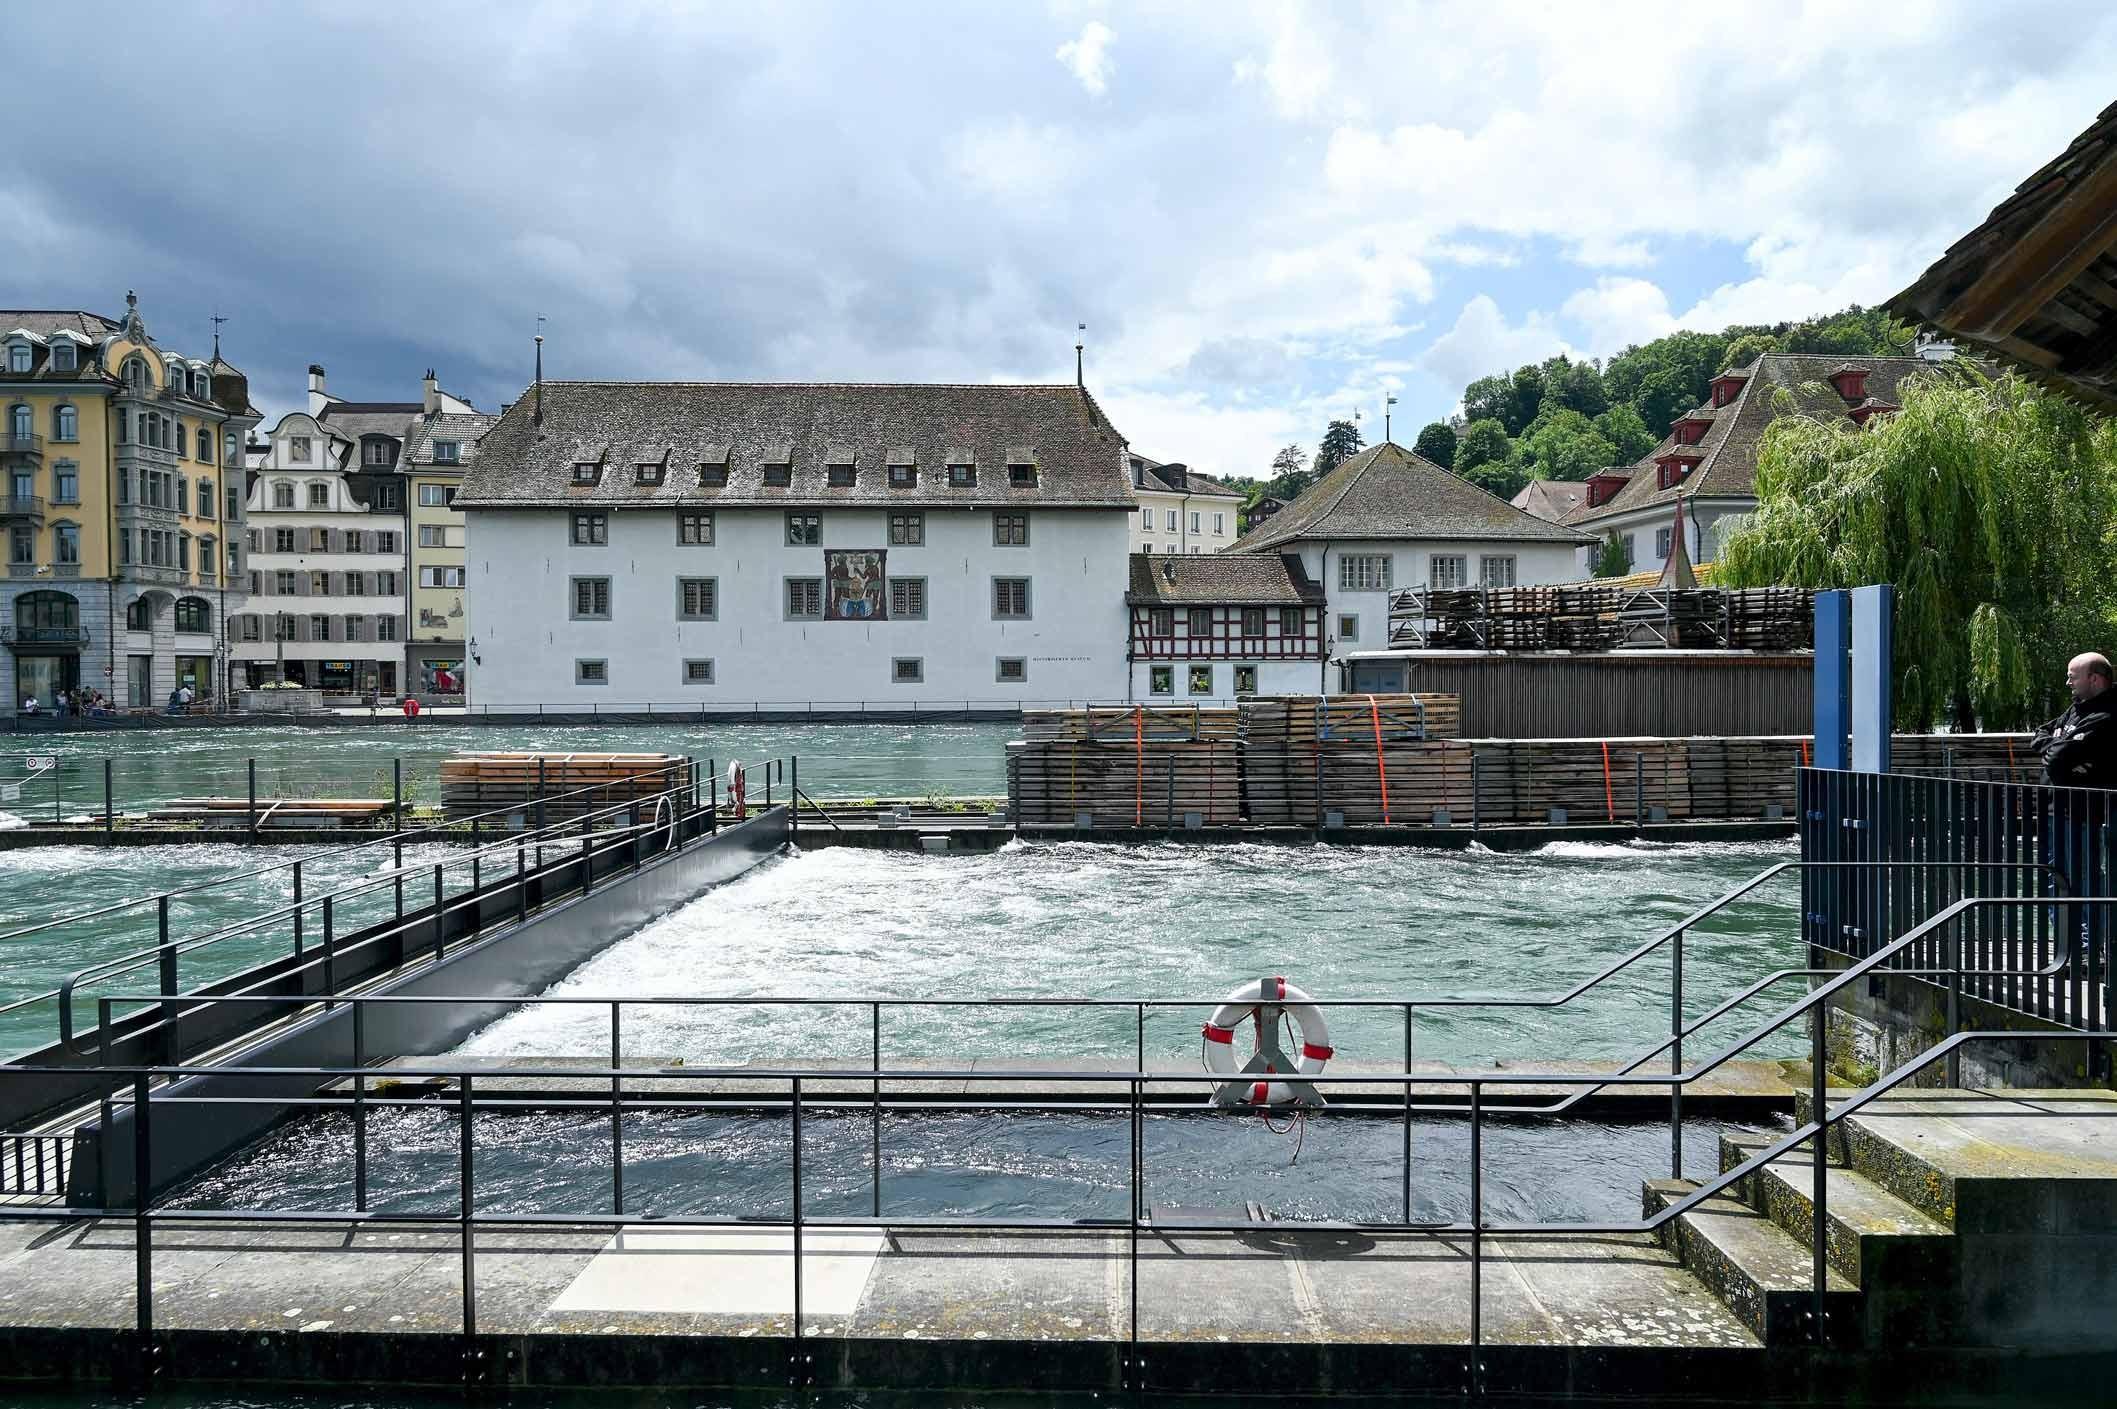 Angespannte Hochwasser-Situation beim Reusswehr in Luzern